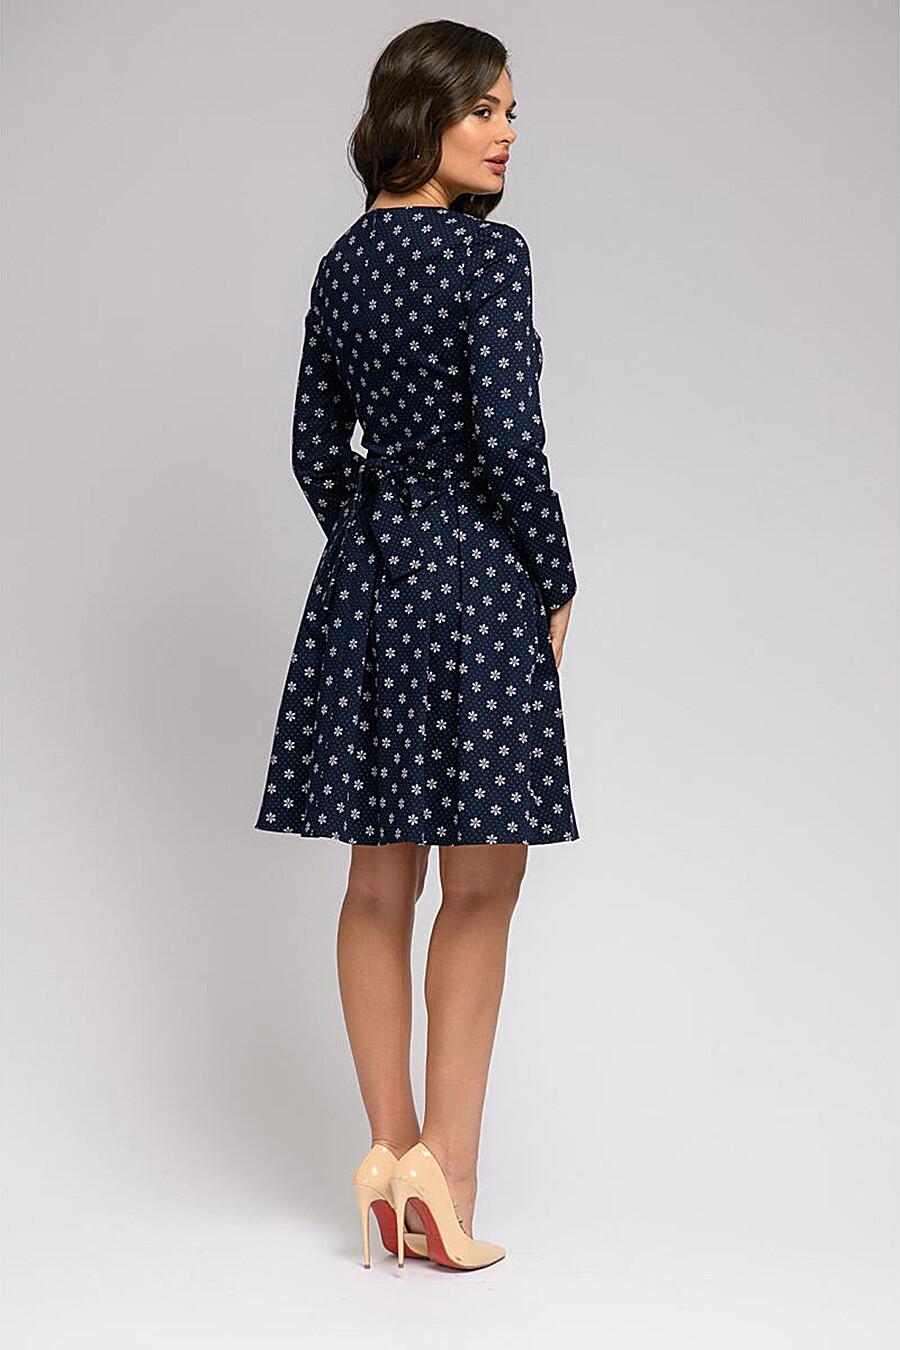 Платье 1001 DRESS (169543), купить в Moyo.moda